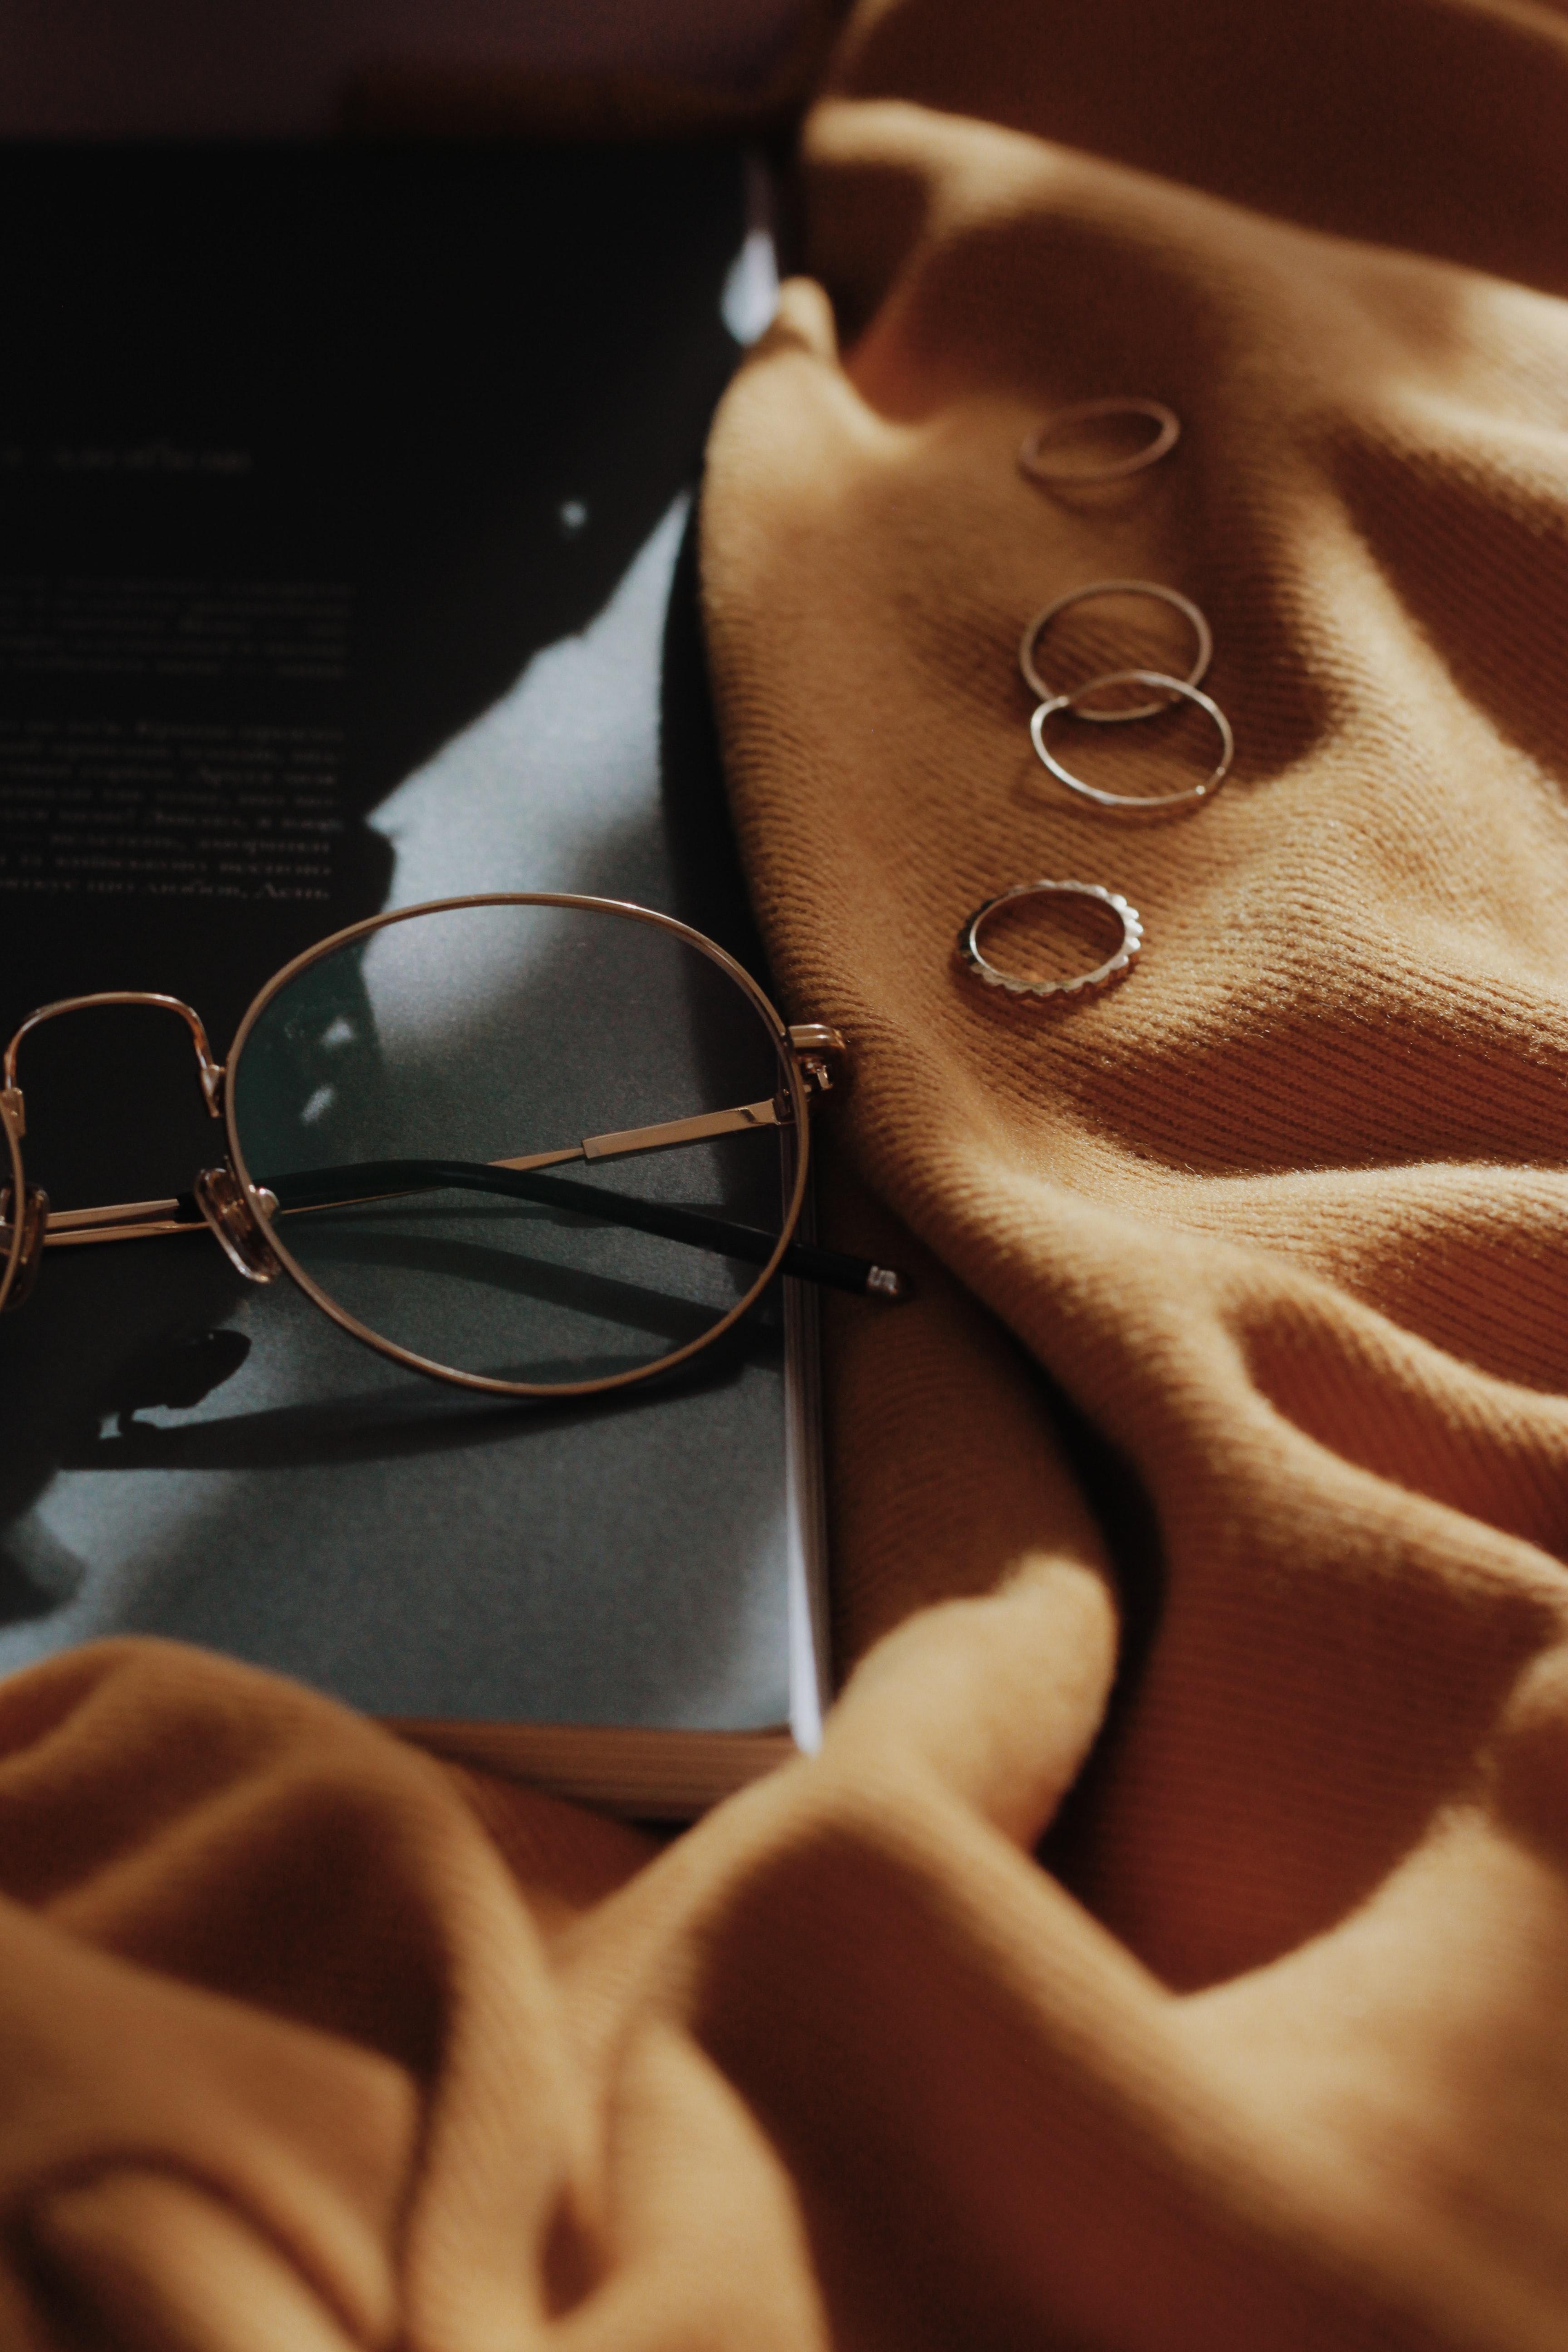 prsteny a brýle na stole